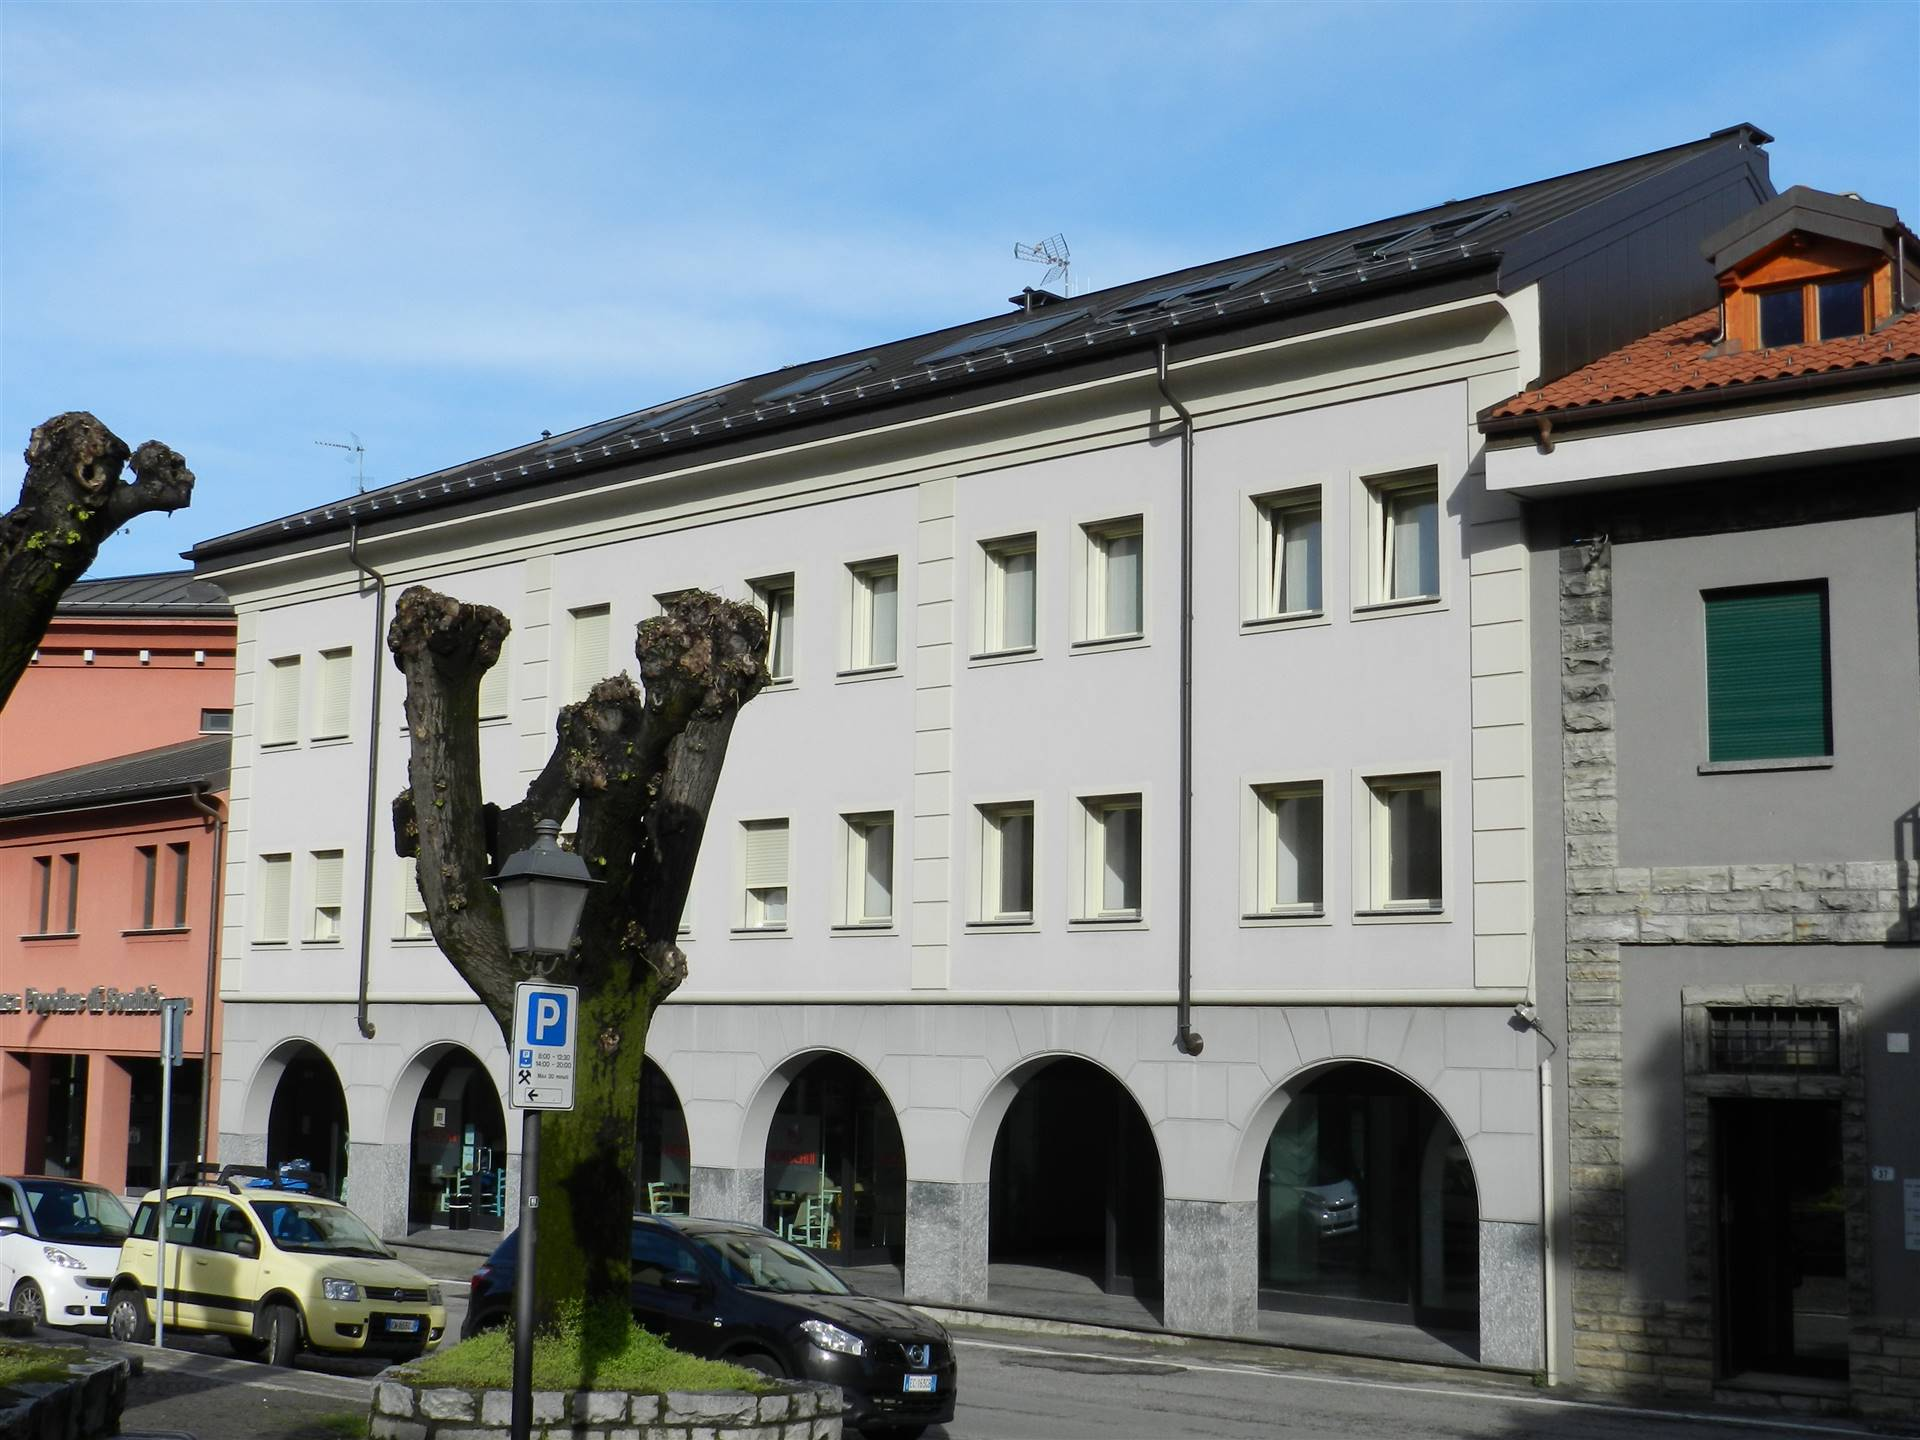 Negozio o Ufficio in AFFITTO a COLICO - 1